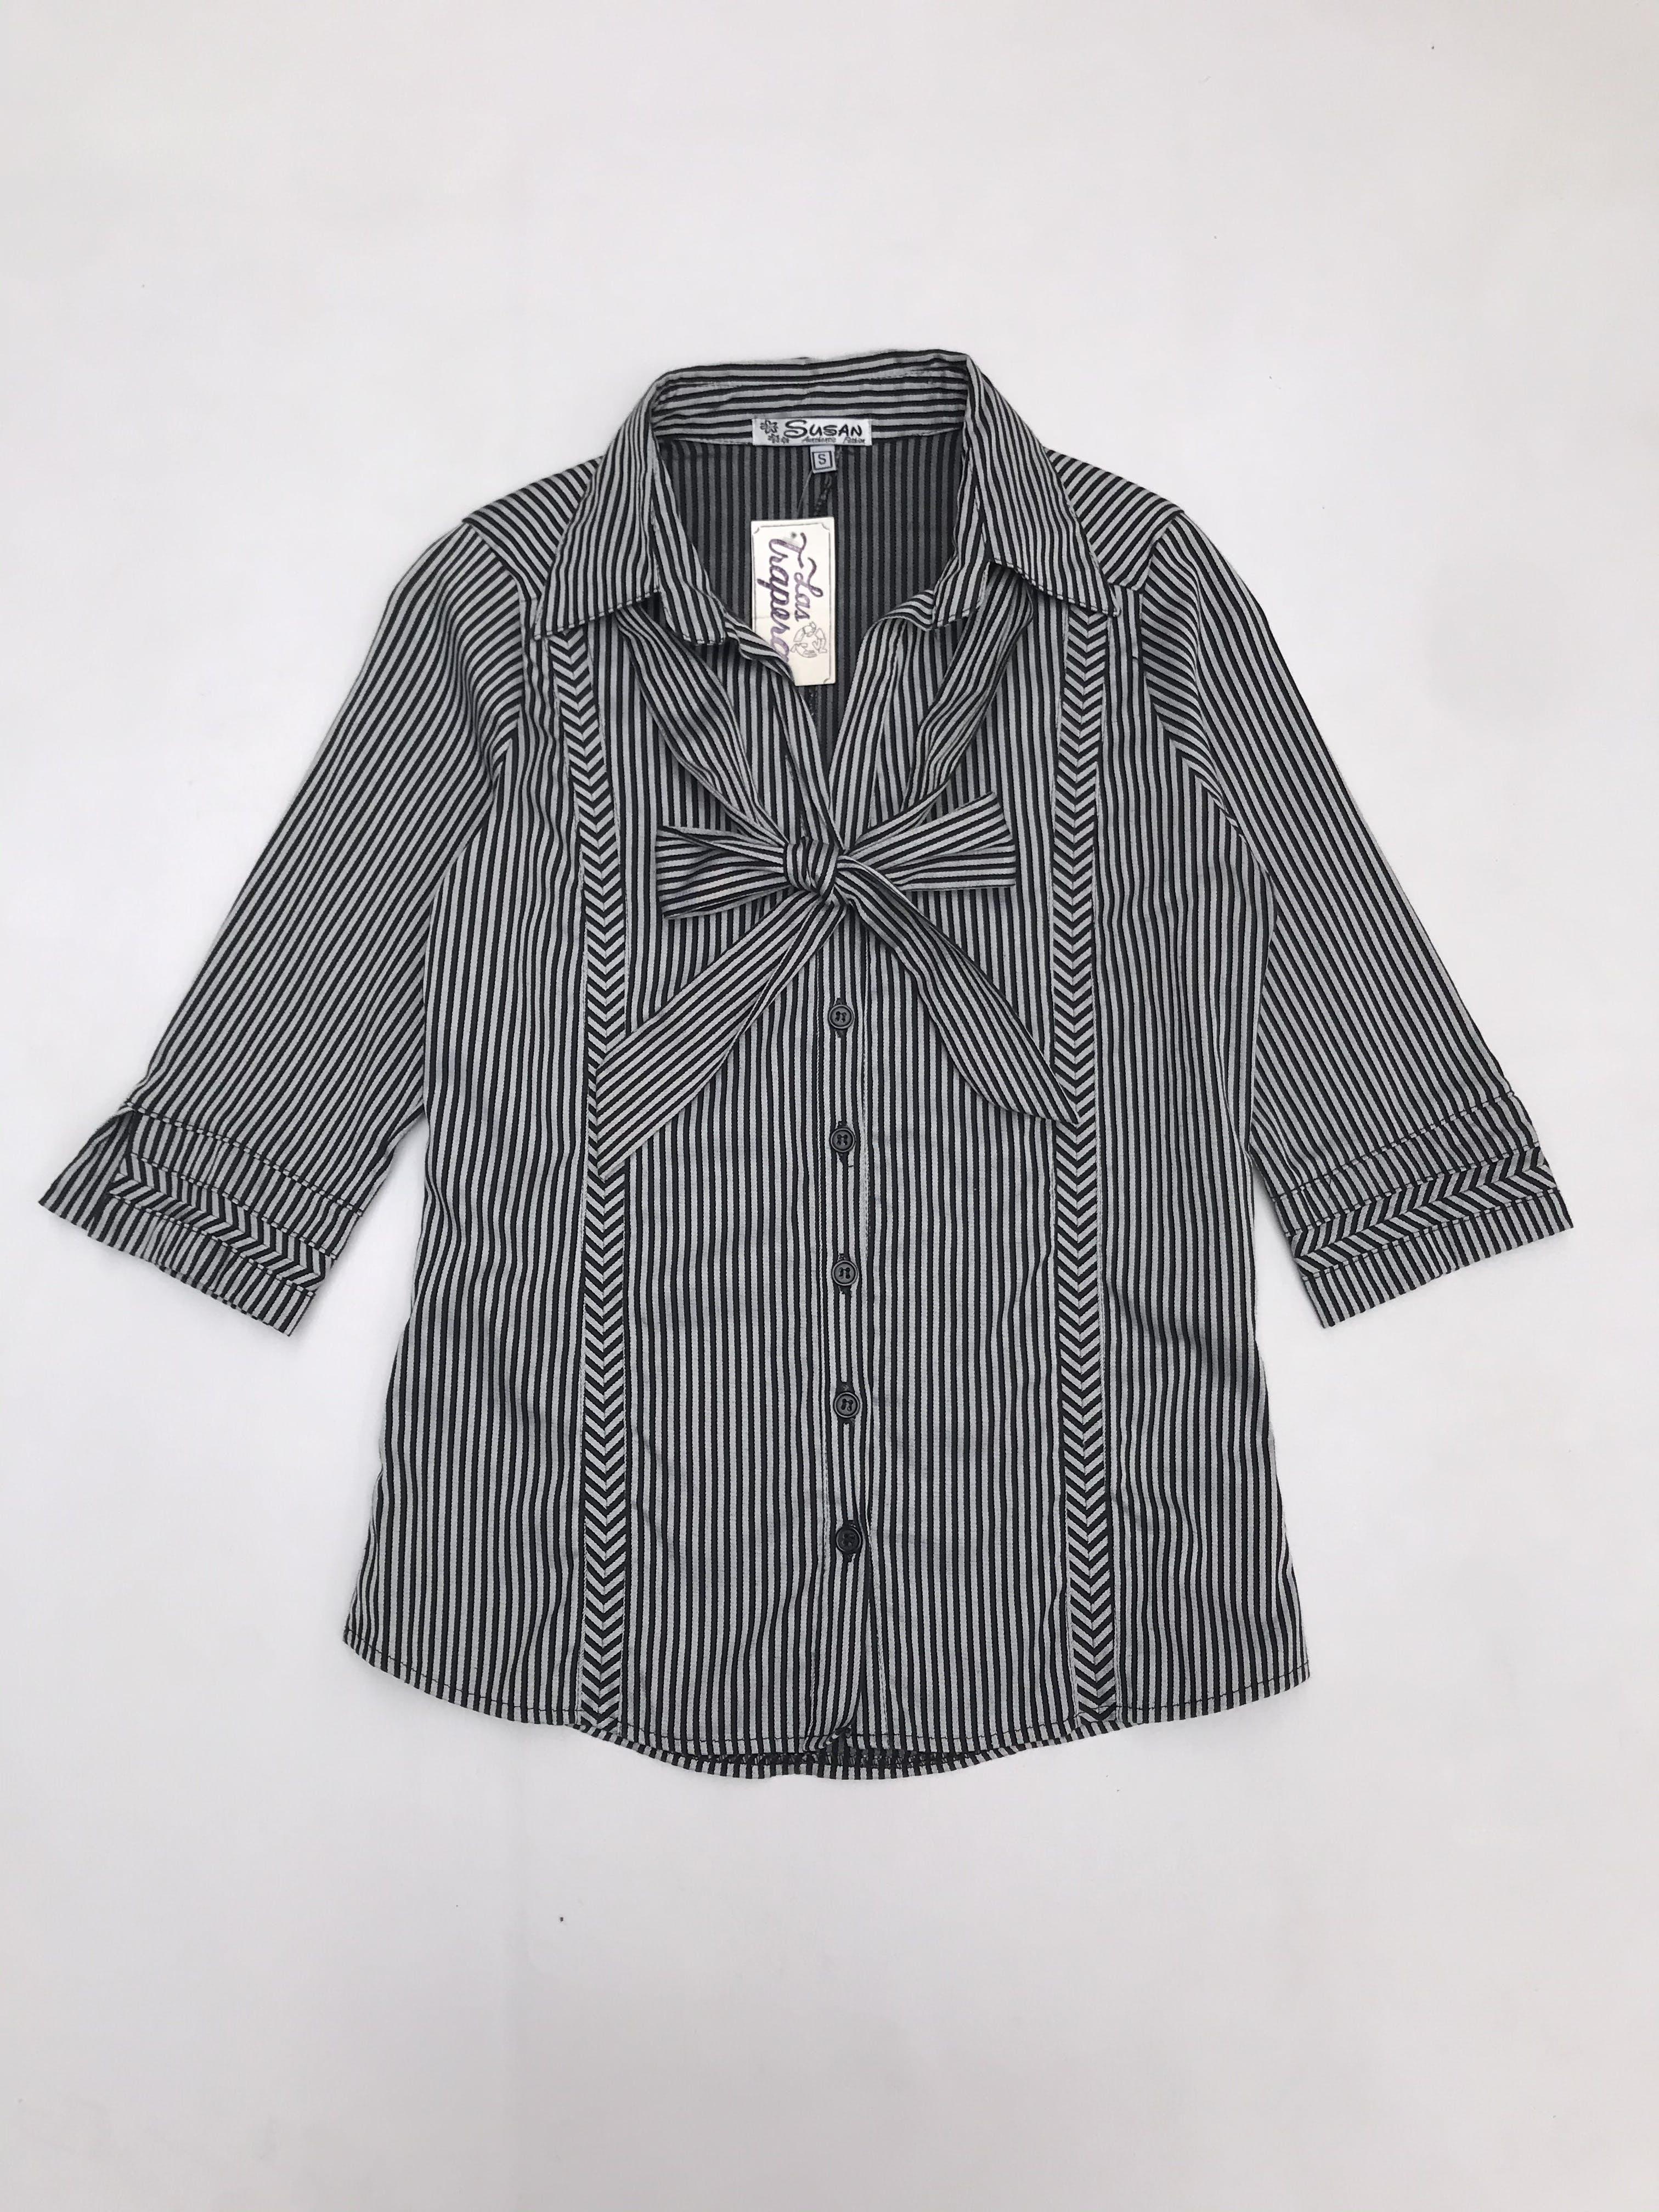 Blusa a rayas plomas y negras, pinzas delante y atrás, manga 3/4, con lazo extra para el cuello (se puede usar sin él)